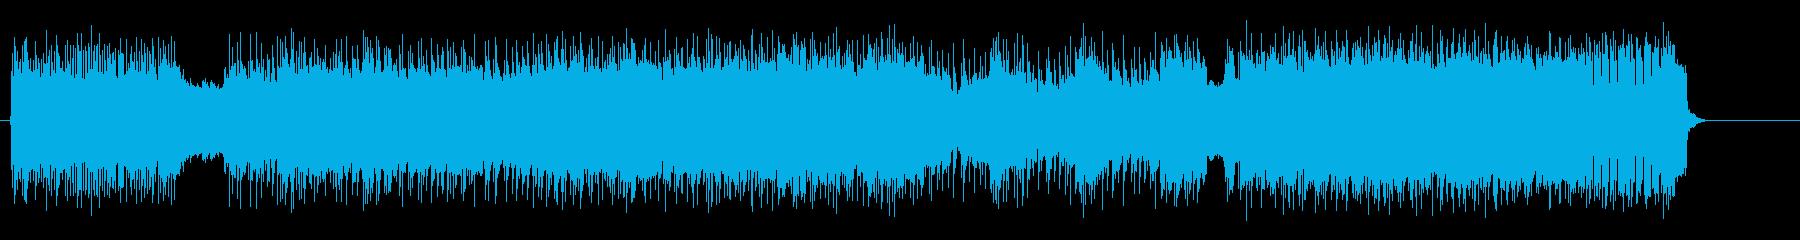 炸裂するギター・エクスタシー・サウンドの再生済みの波形